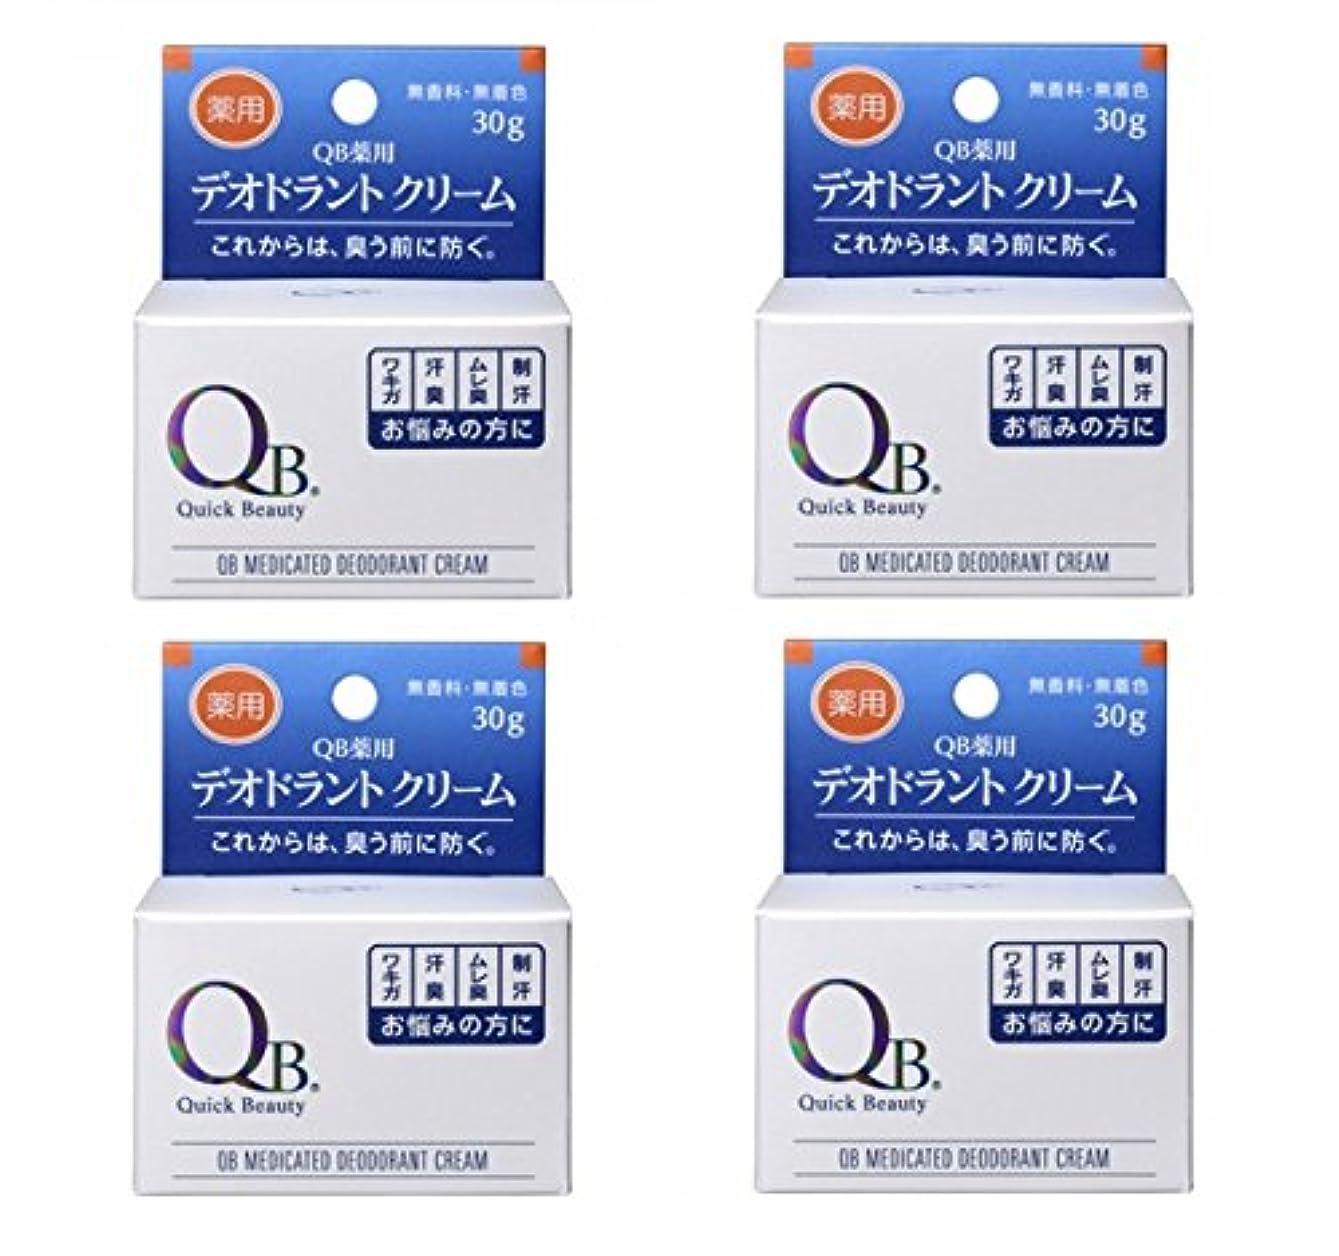 ワゴン深さ【×4個】 QB 薬用デオドラントクリーム 30g 【国内正規品】